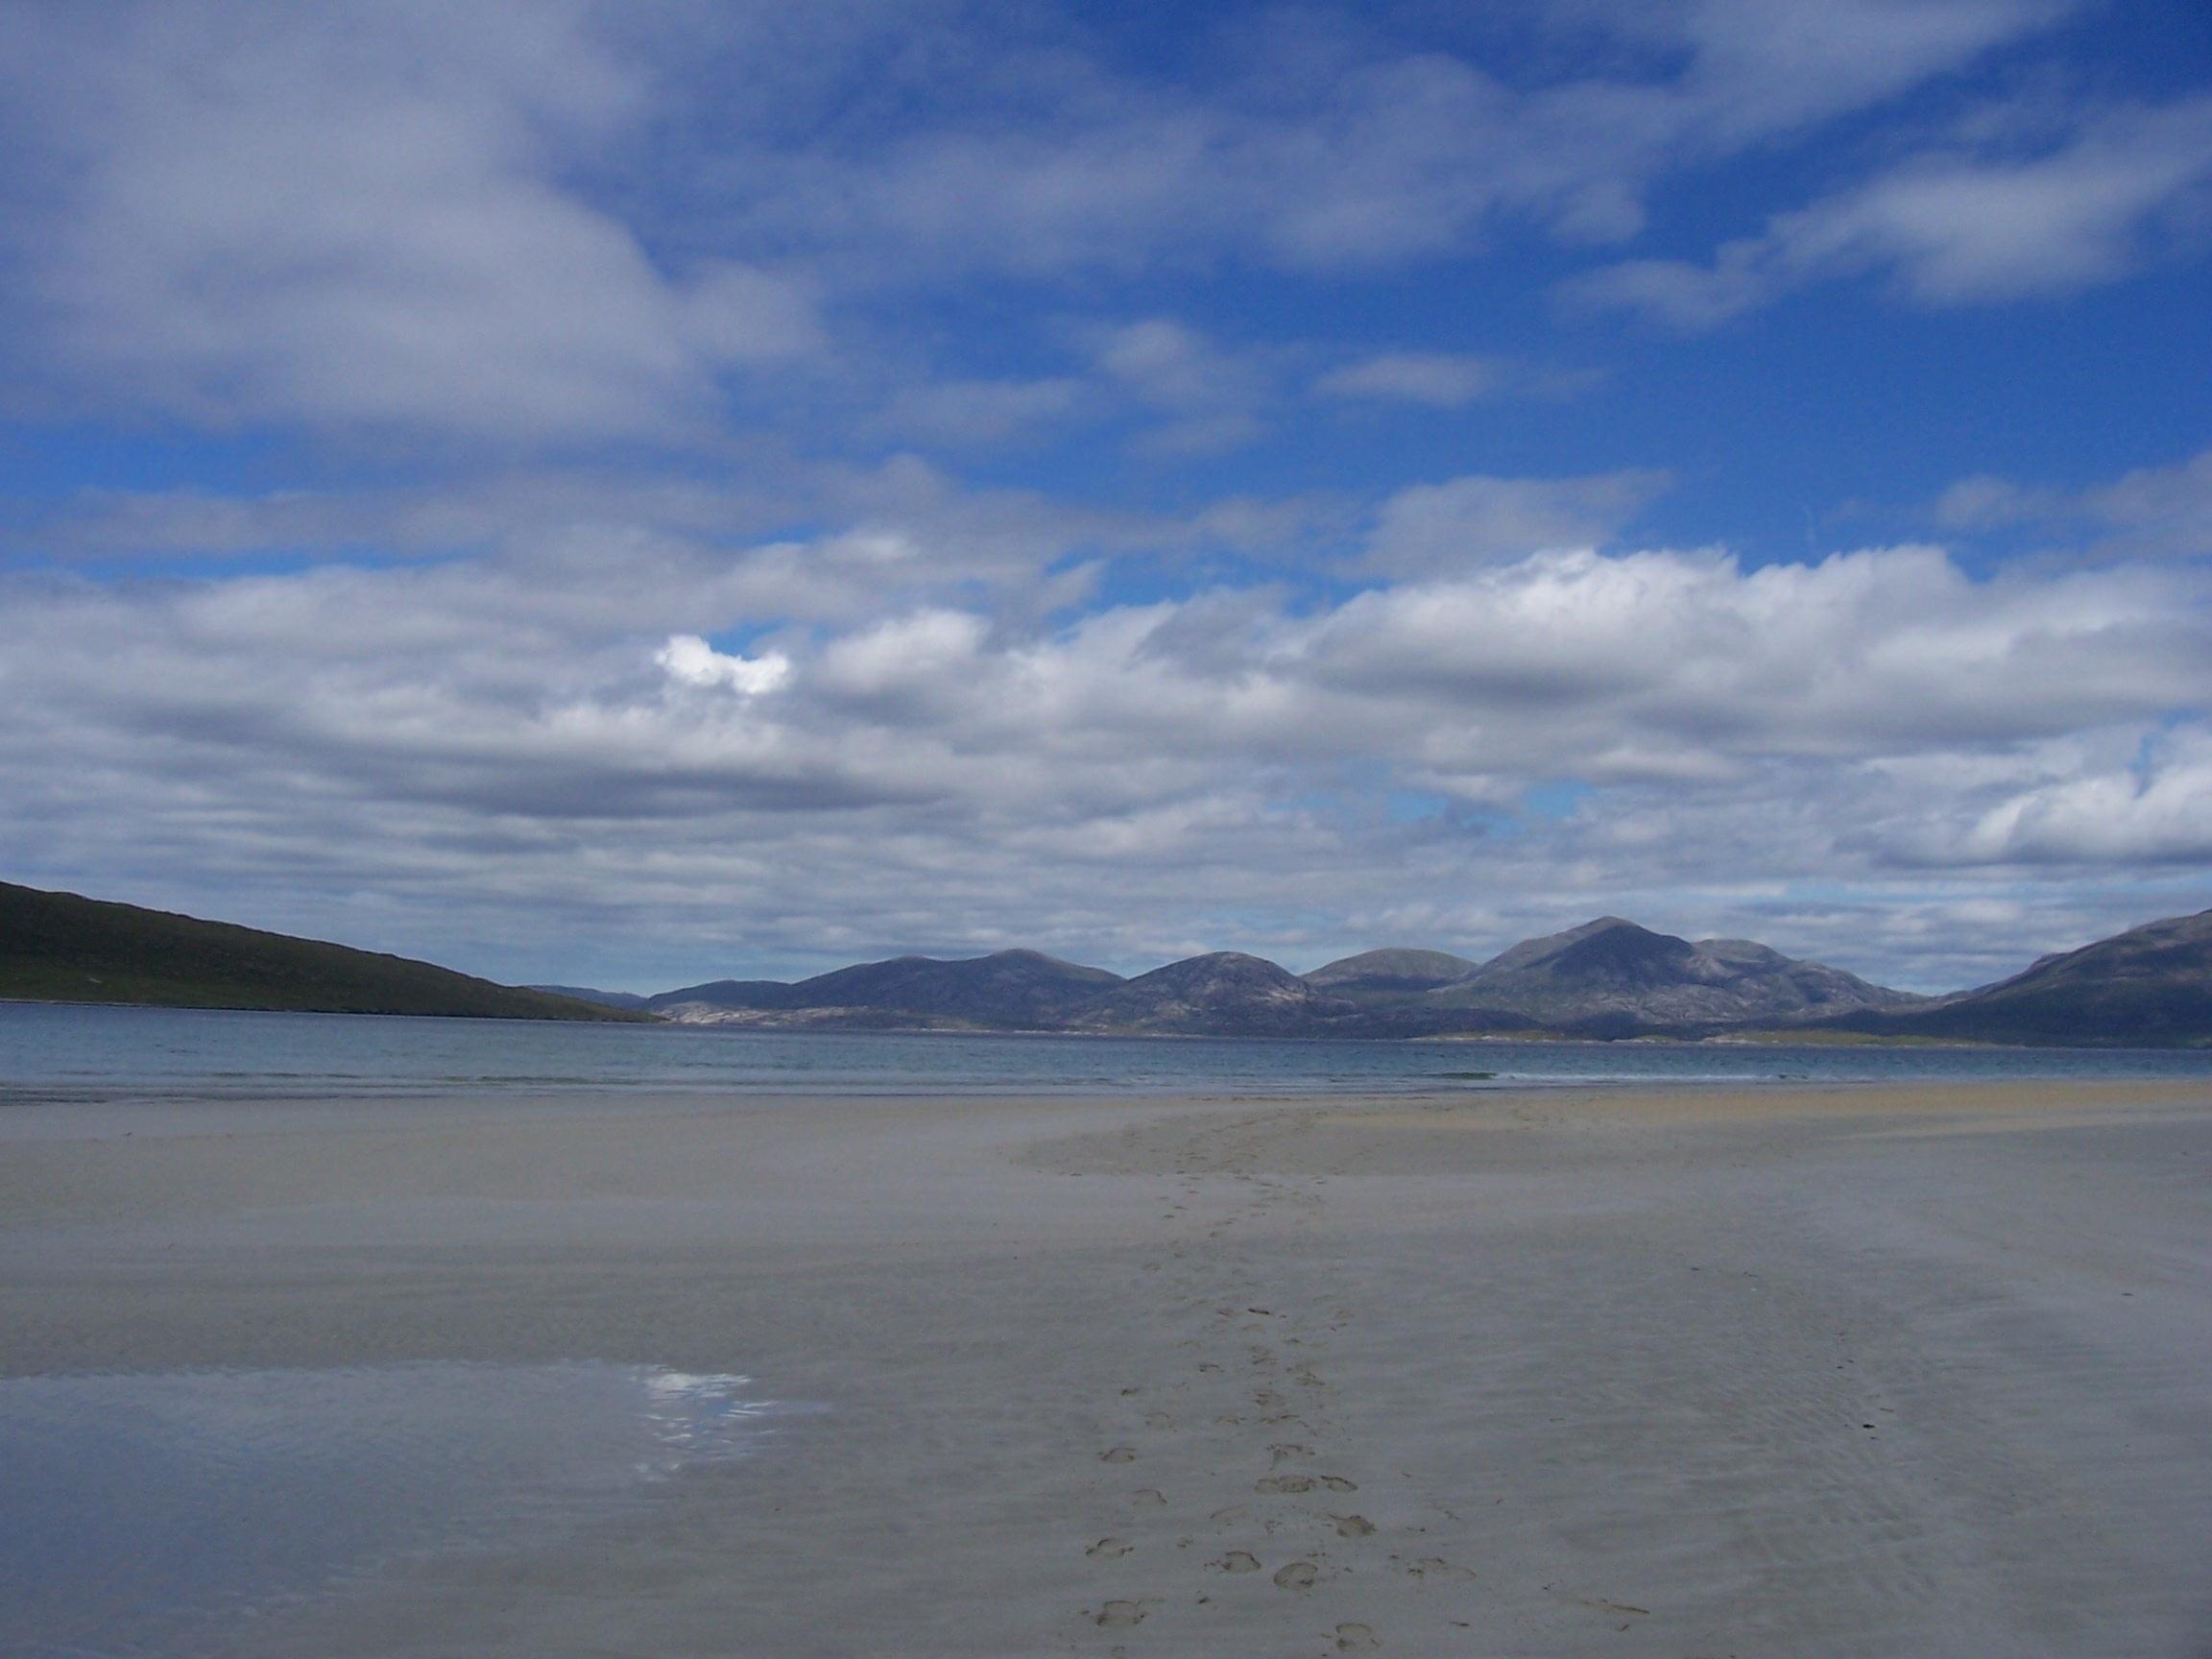 Sea as Church - the Outer Hebrides